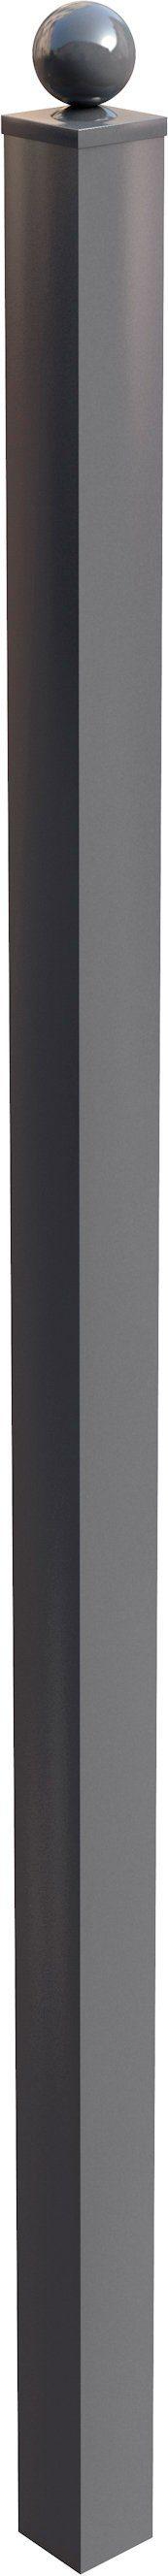 ARVOTEC Zaunpfosten »Agen«, Einseitig, 6x6x160 cm